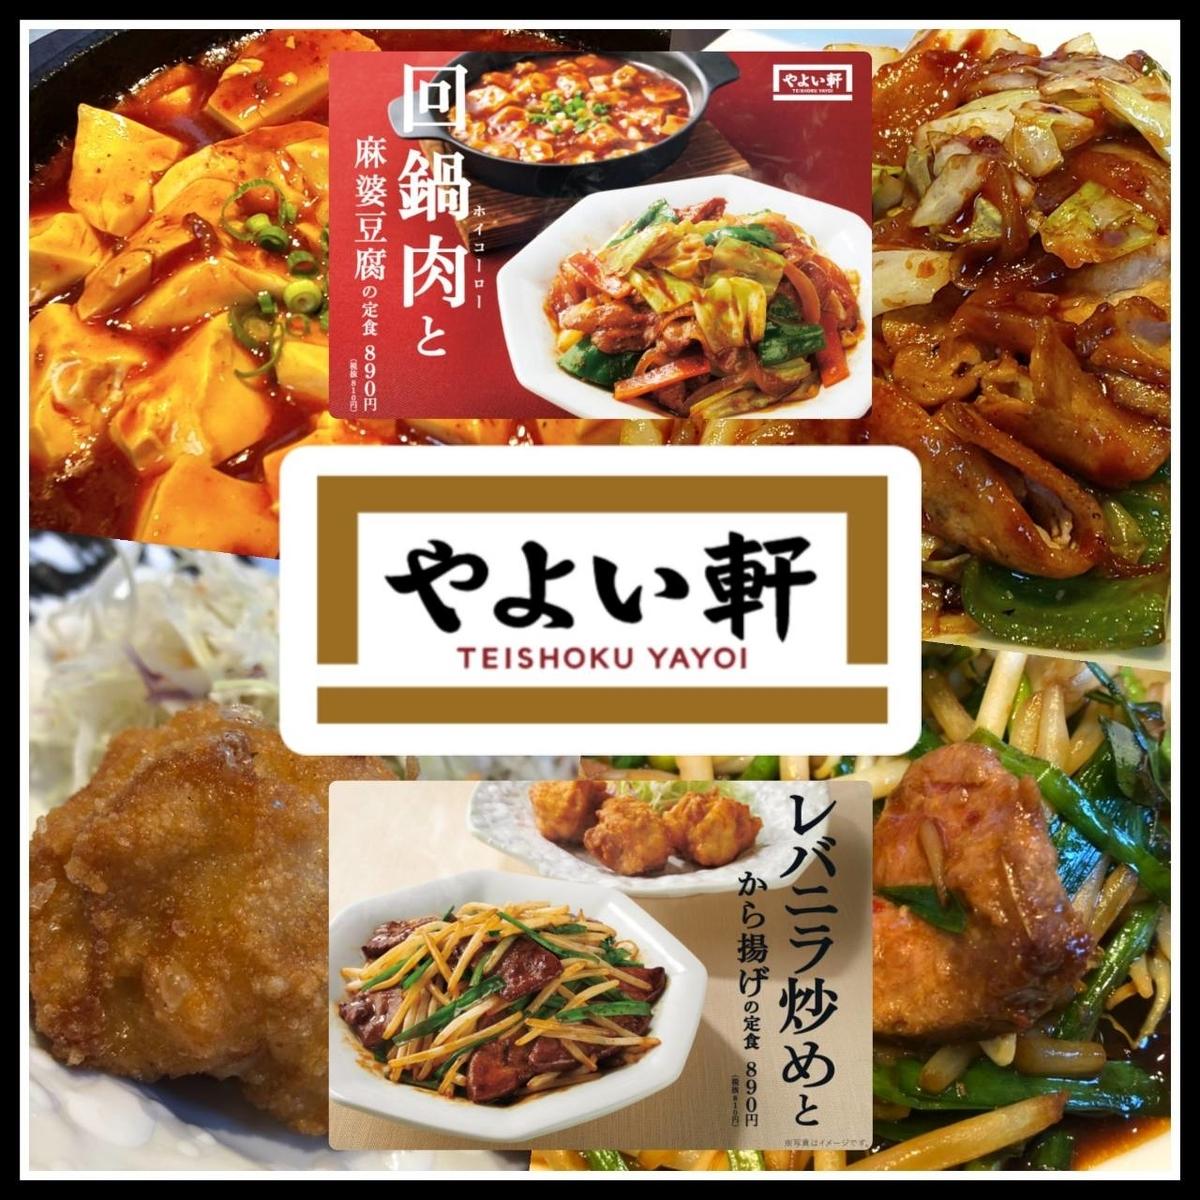 やよい軒 期間限定メニュー「回鍋肉と麻婆豆腐の定食」と「レバニラ炒めとから揚げの定食」 LIFE